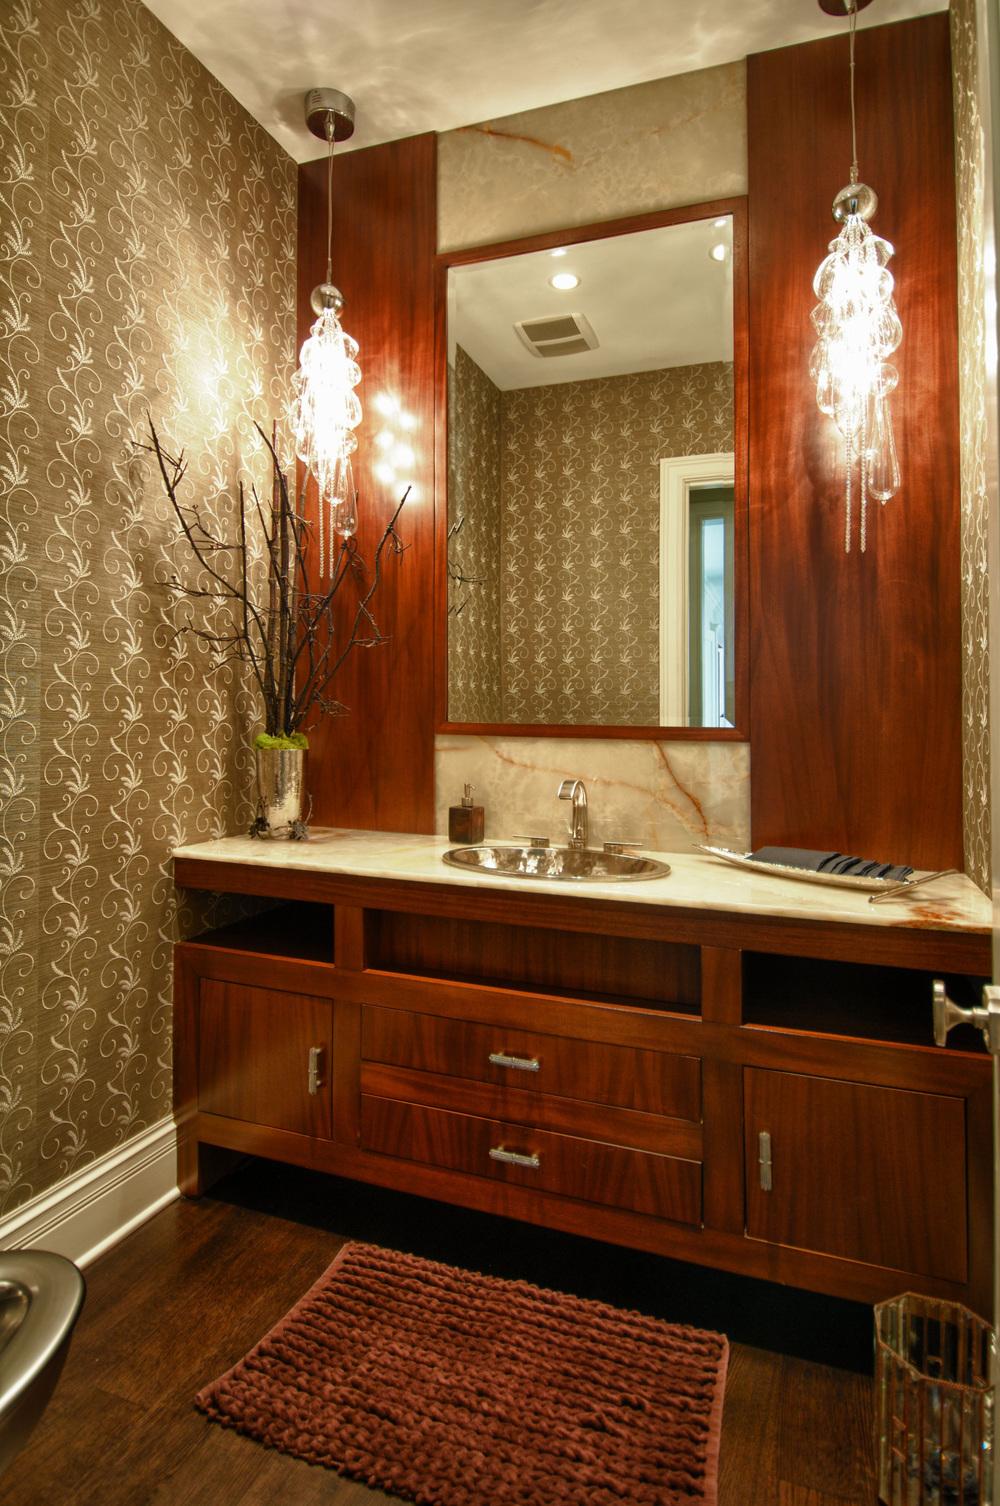 Arkin Main Bath 01.JPG